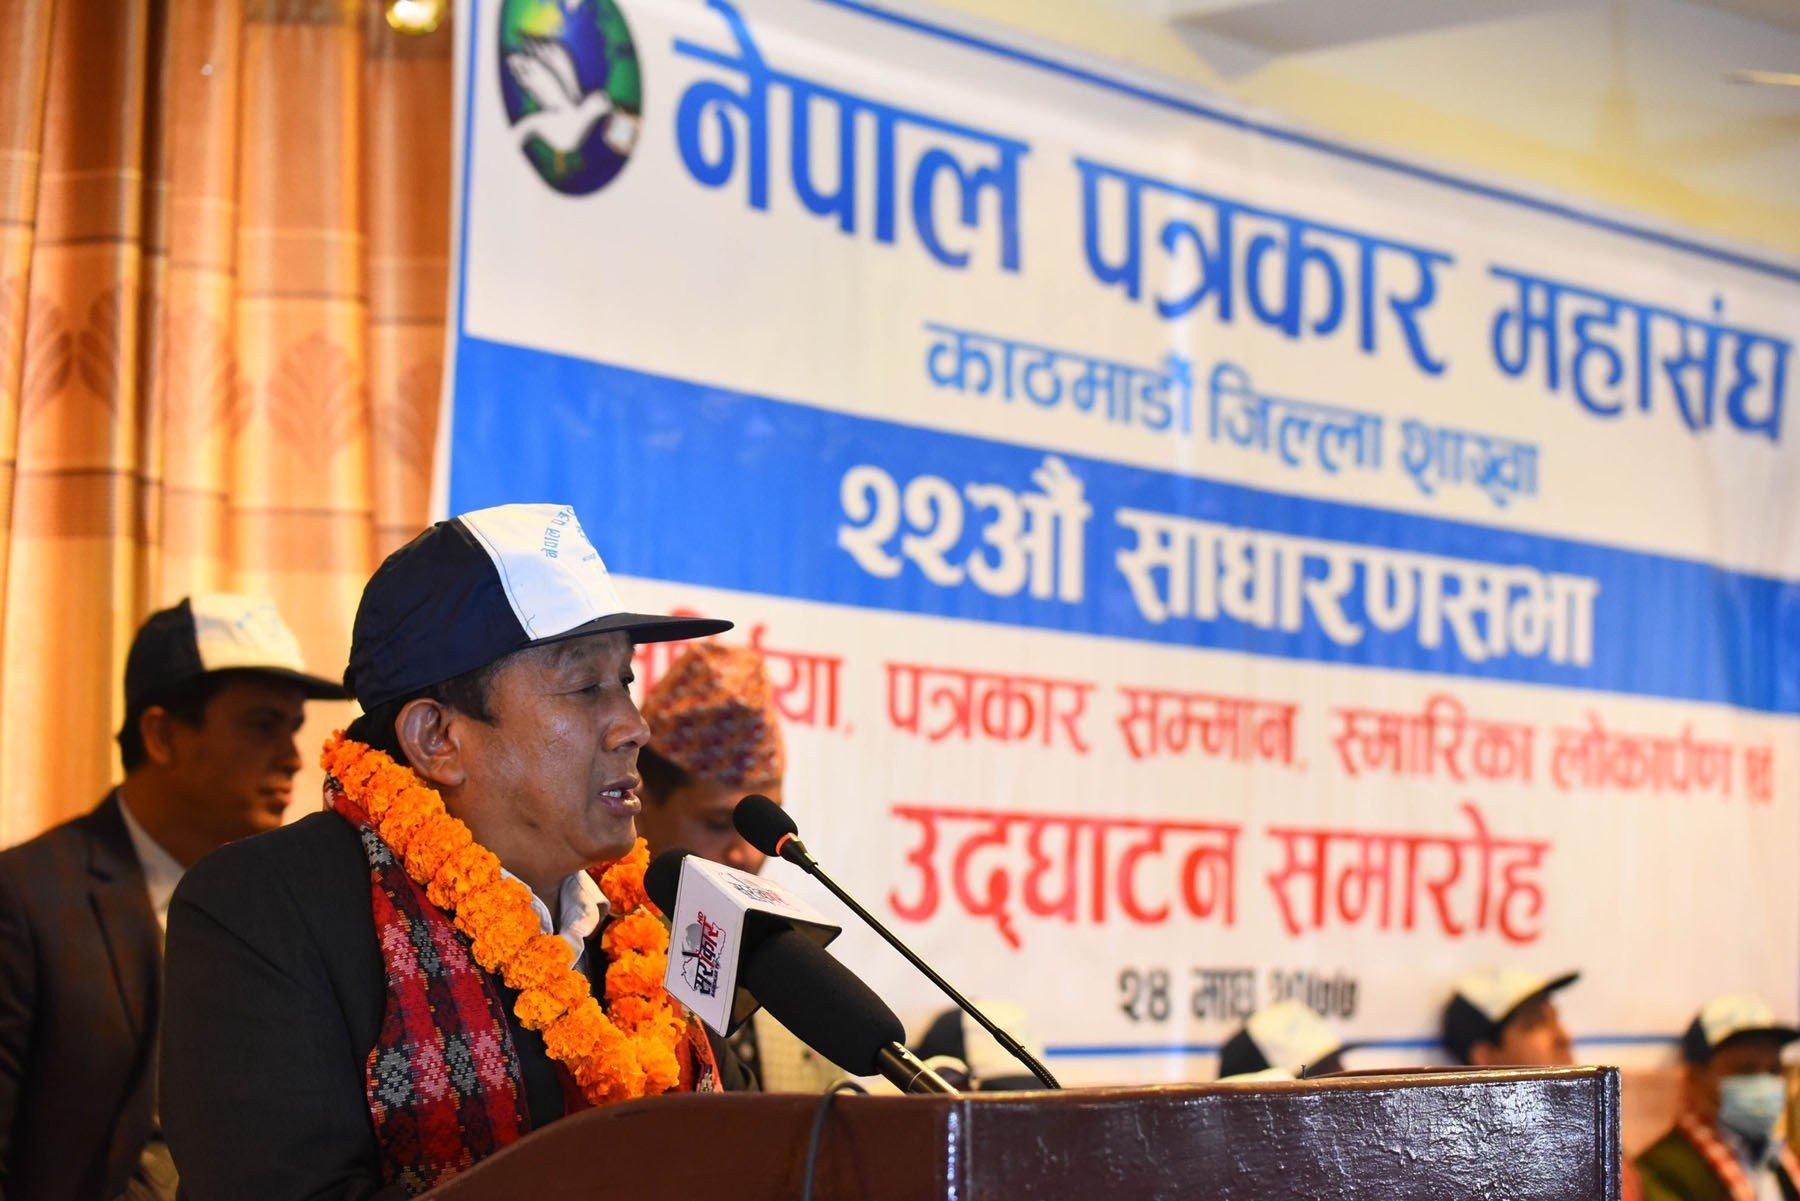 पत्रकारिता क्षेत्रका समस्या समाधान गर्न सधैँ तयार छौँ : मन्त्री गुरुङ